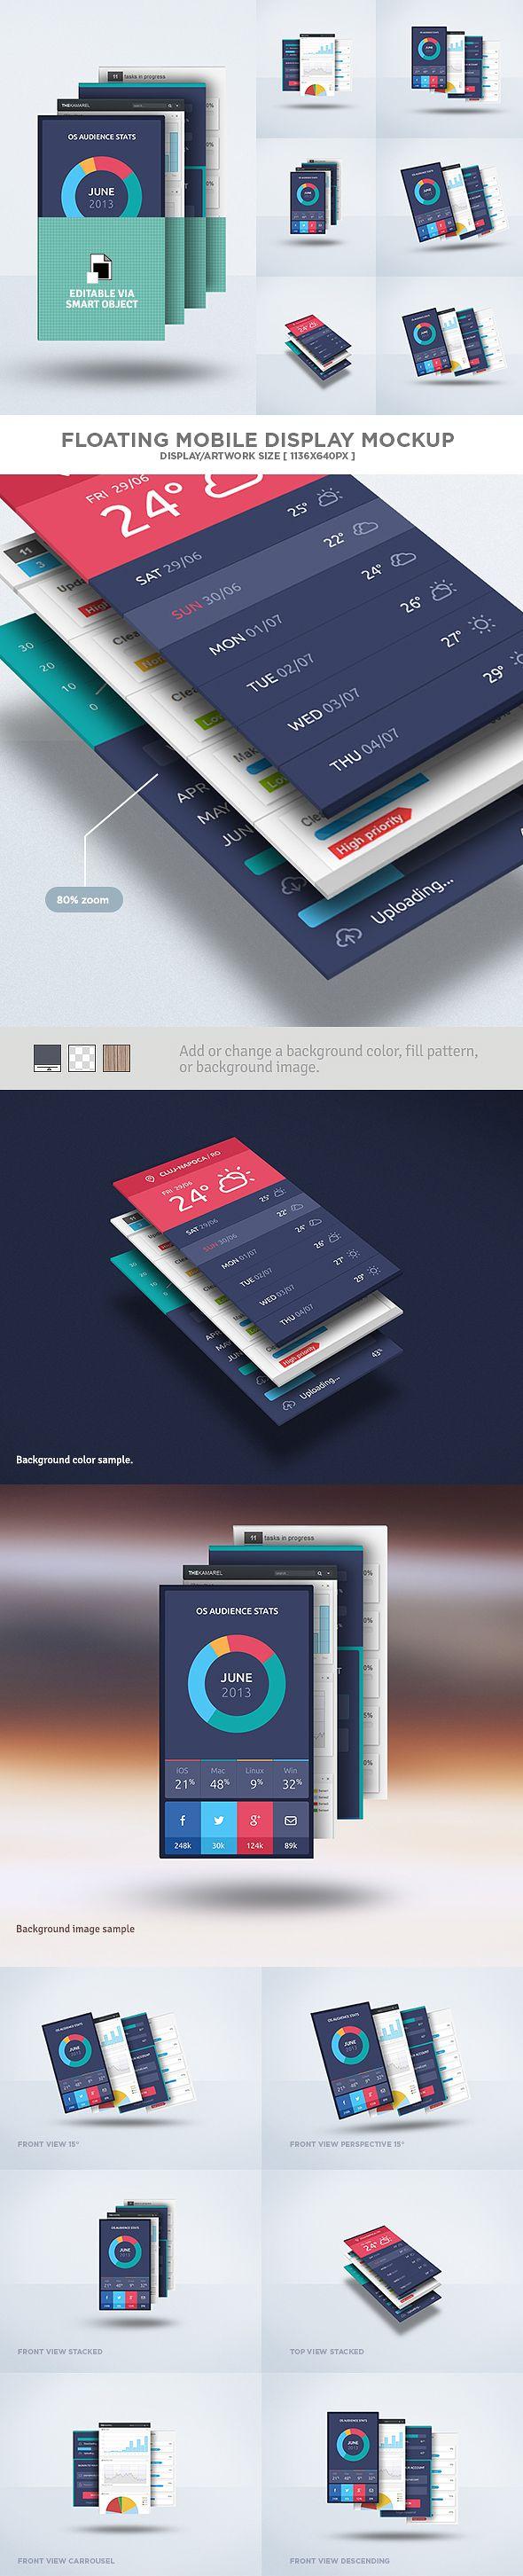 Floating Mobile Display Mock-Up PSD Freebie by Eduardo Mejia, via Behance